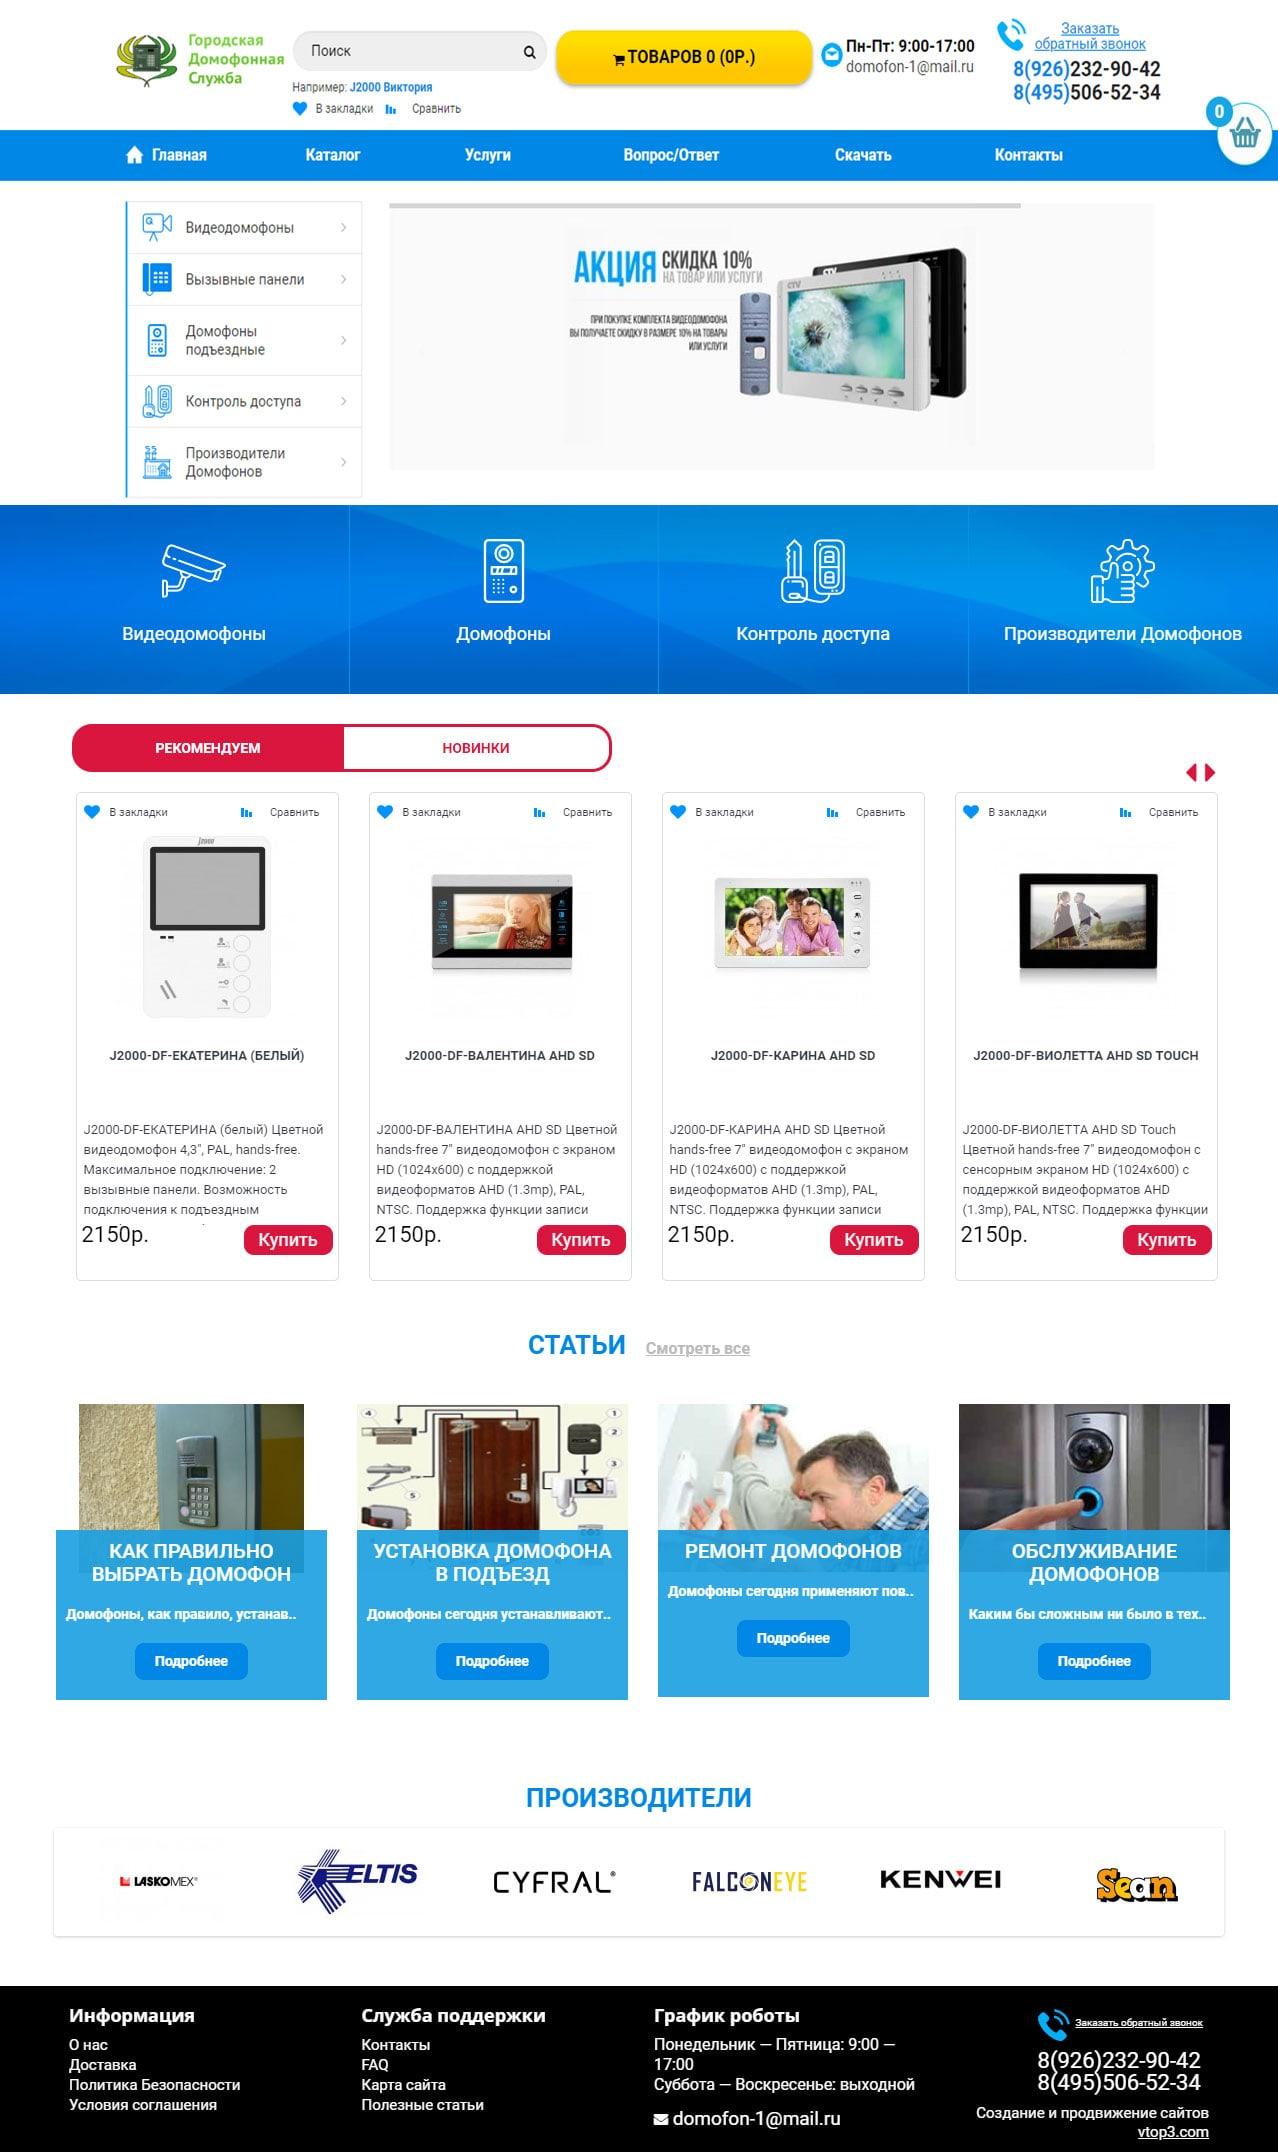 Создание интернет-магазина домофонов